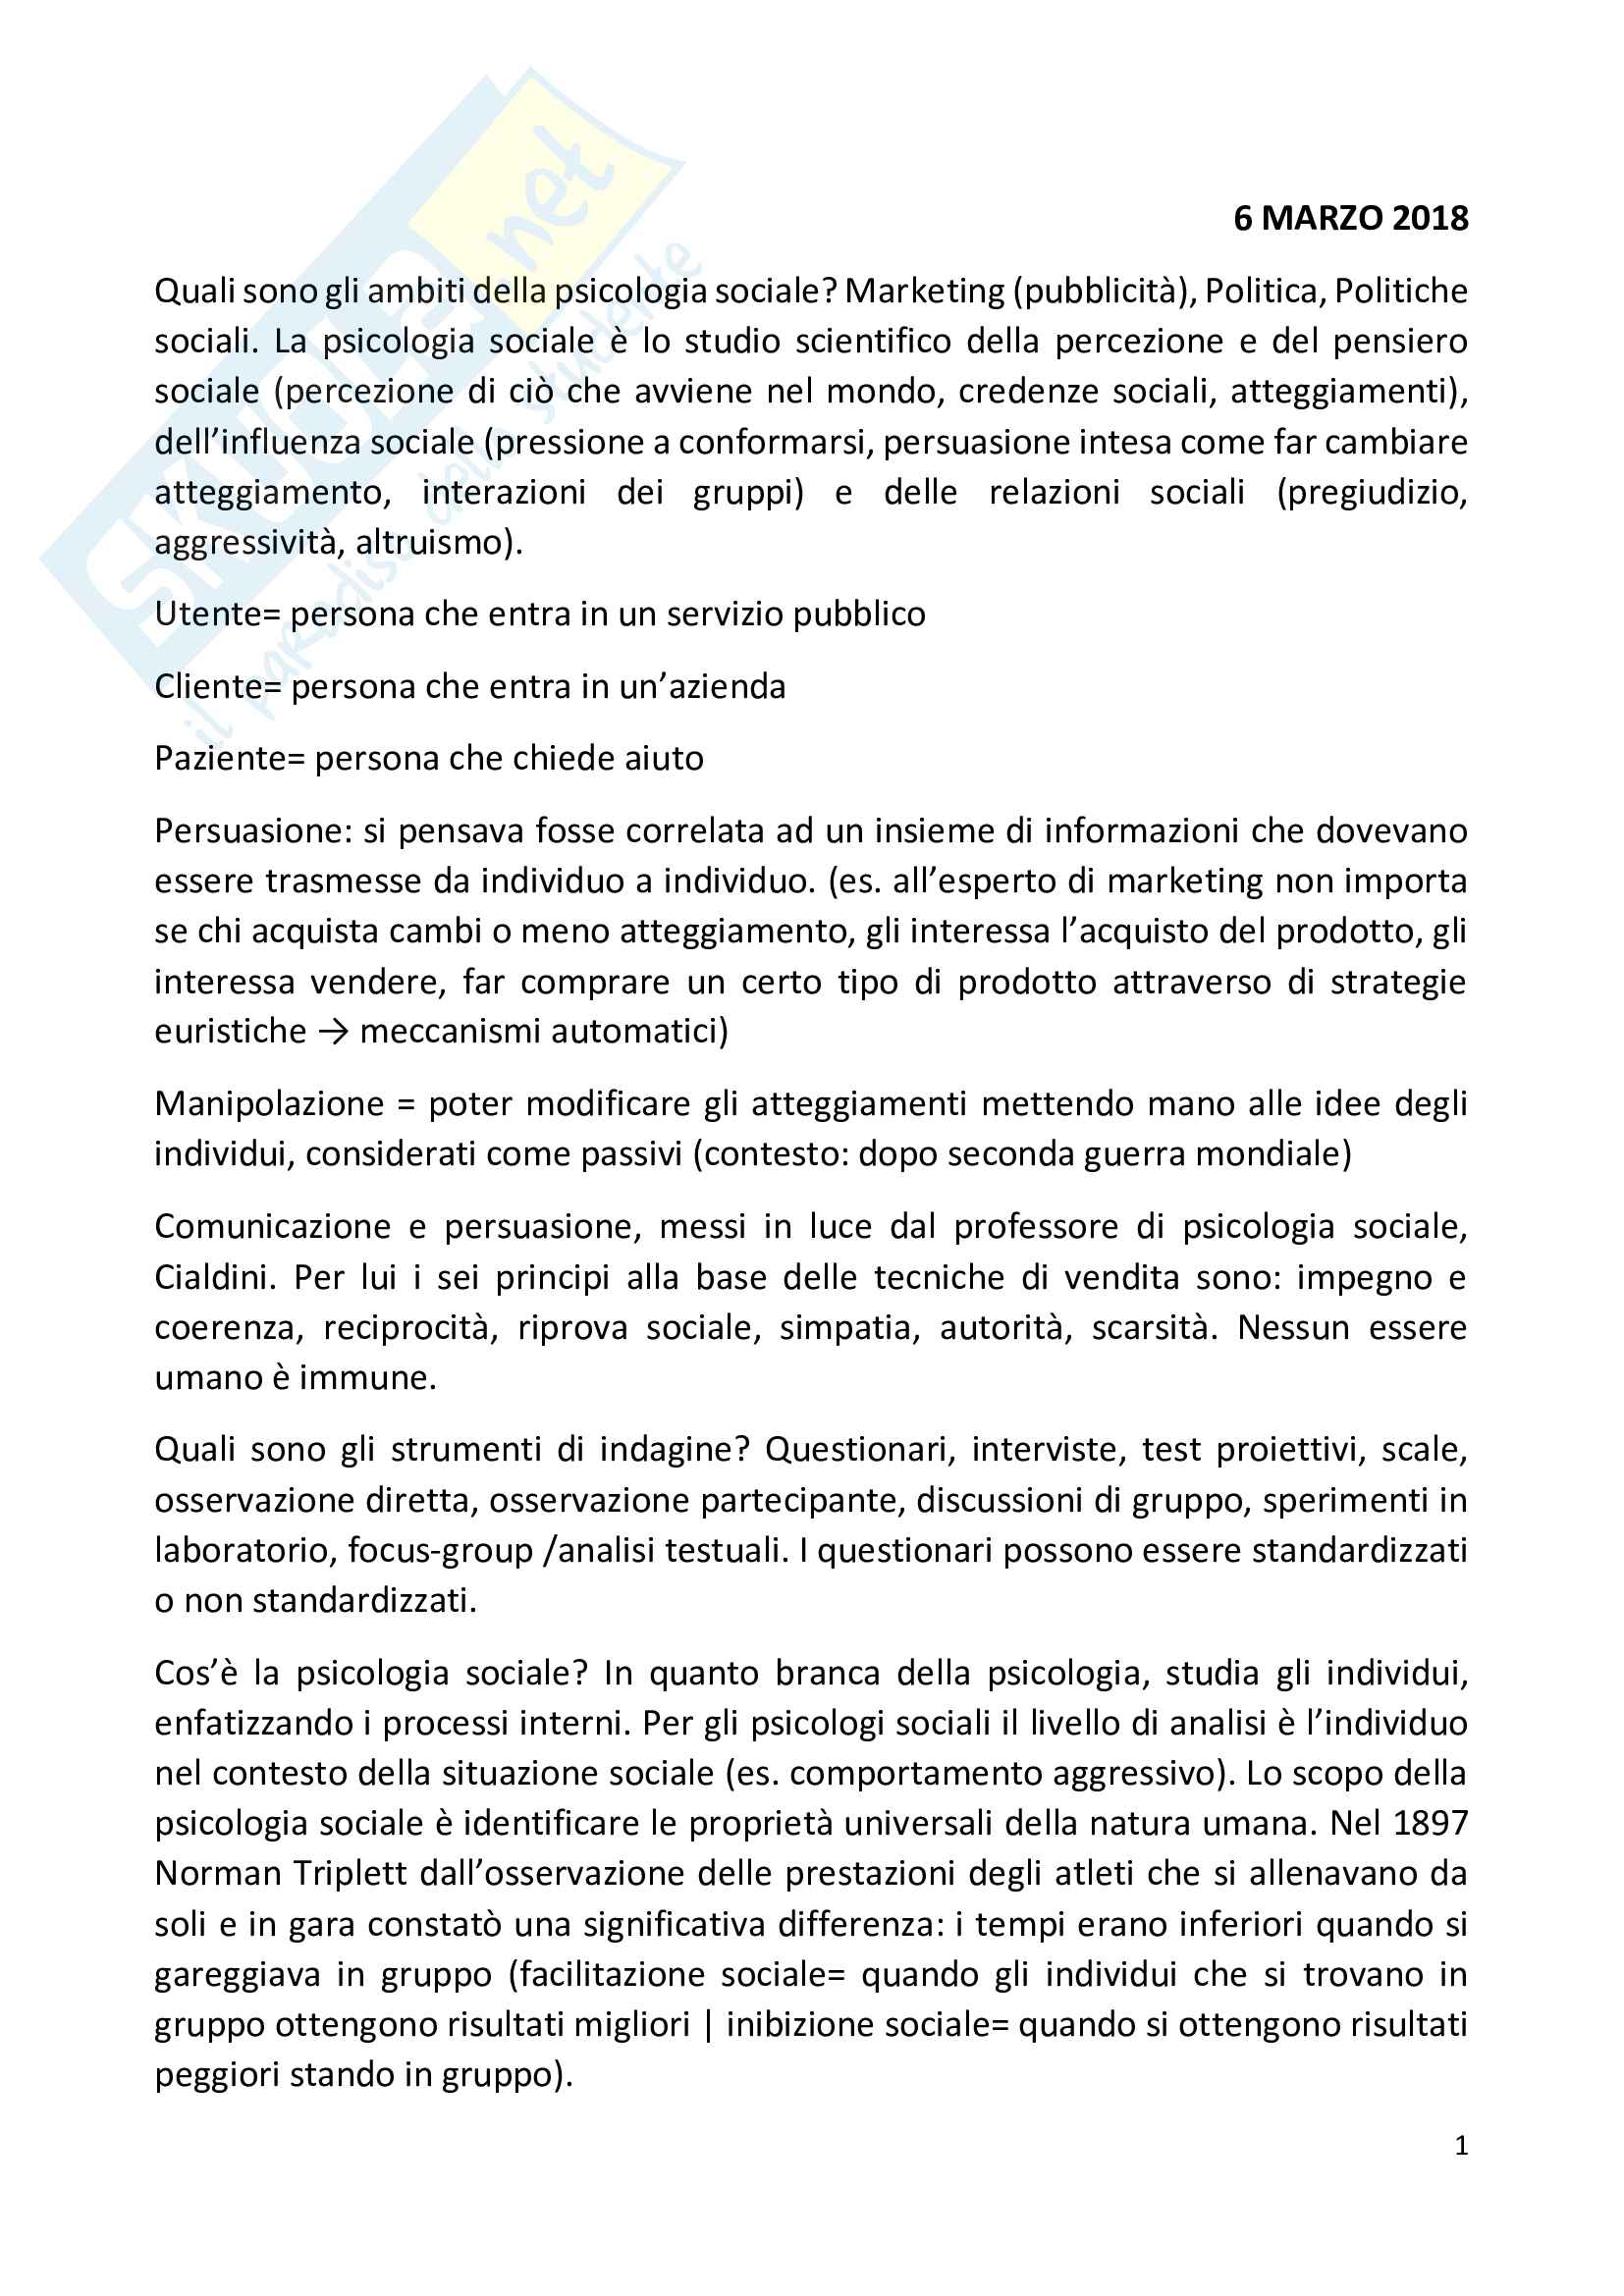 """Appunti lezioni corso """"Psicologia sociale"""" prof Alessandro Toni"""